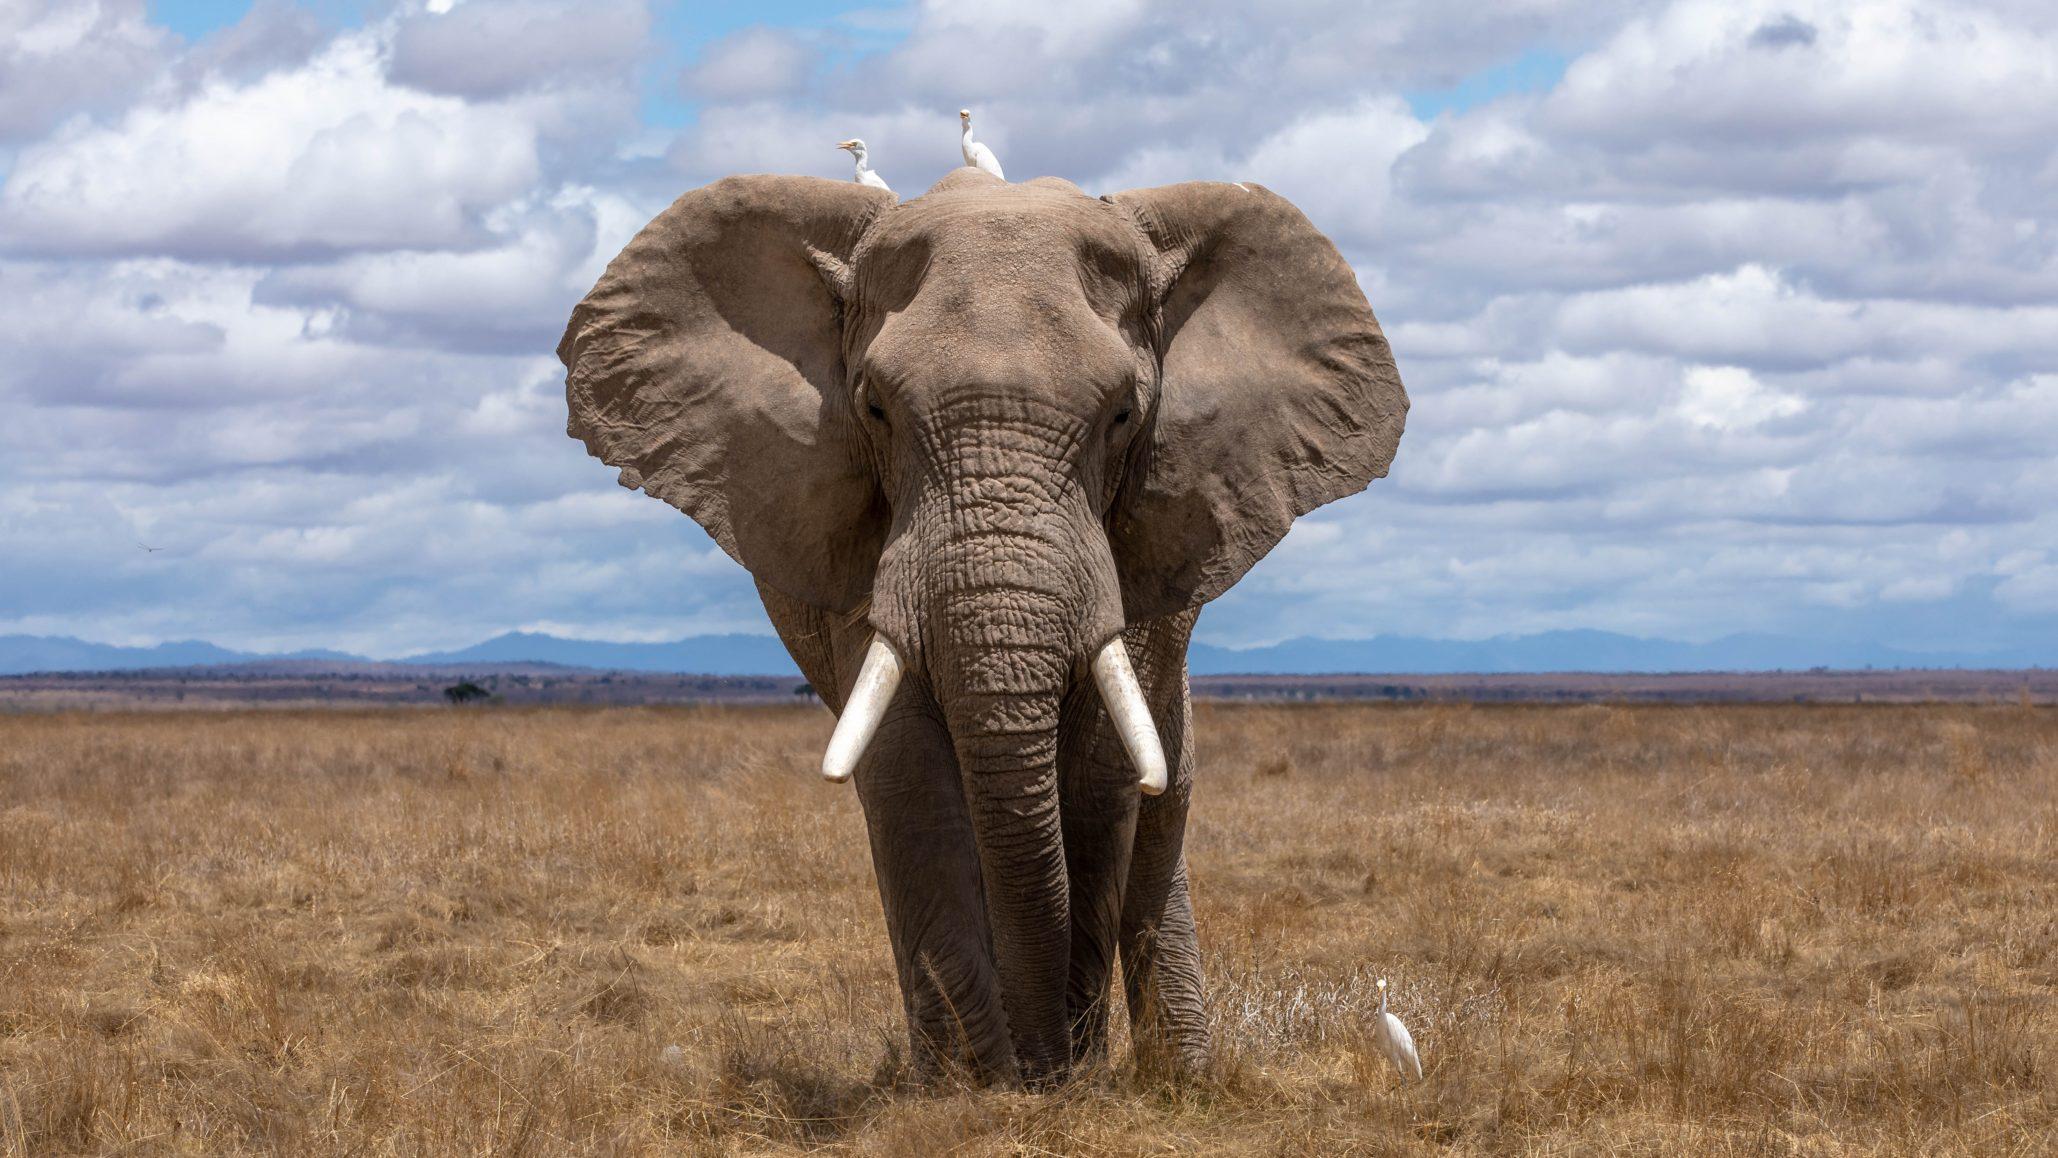 L'ange gardien des éléphants.